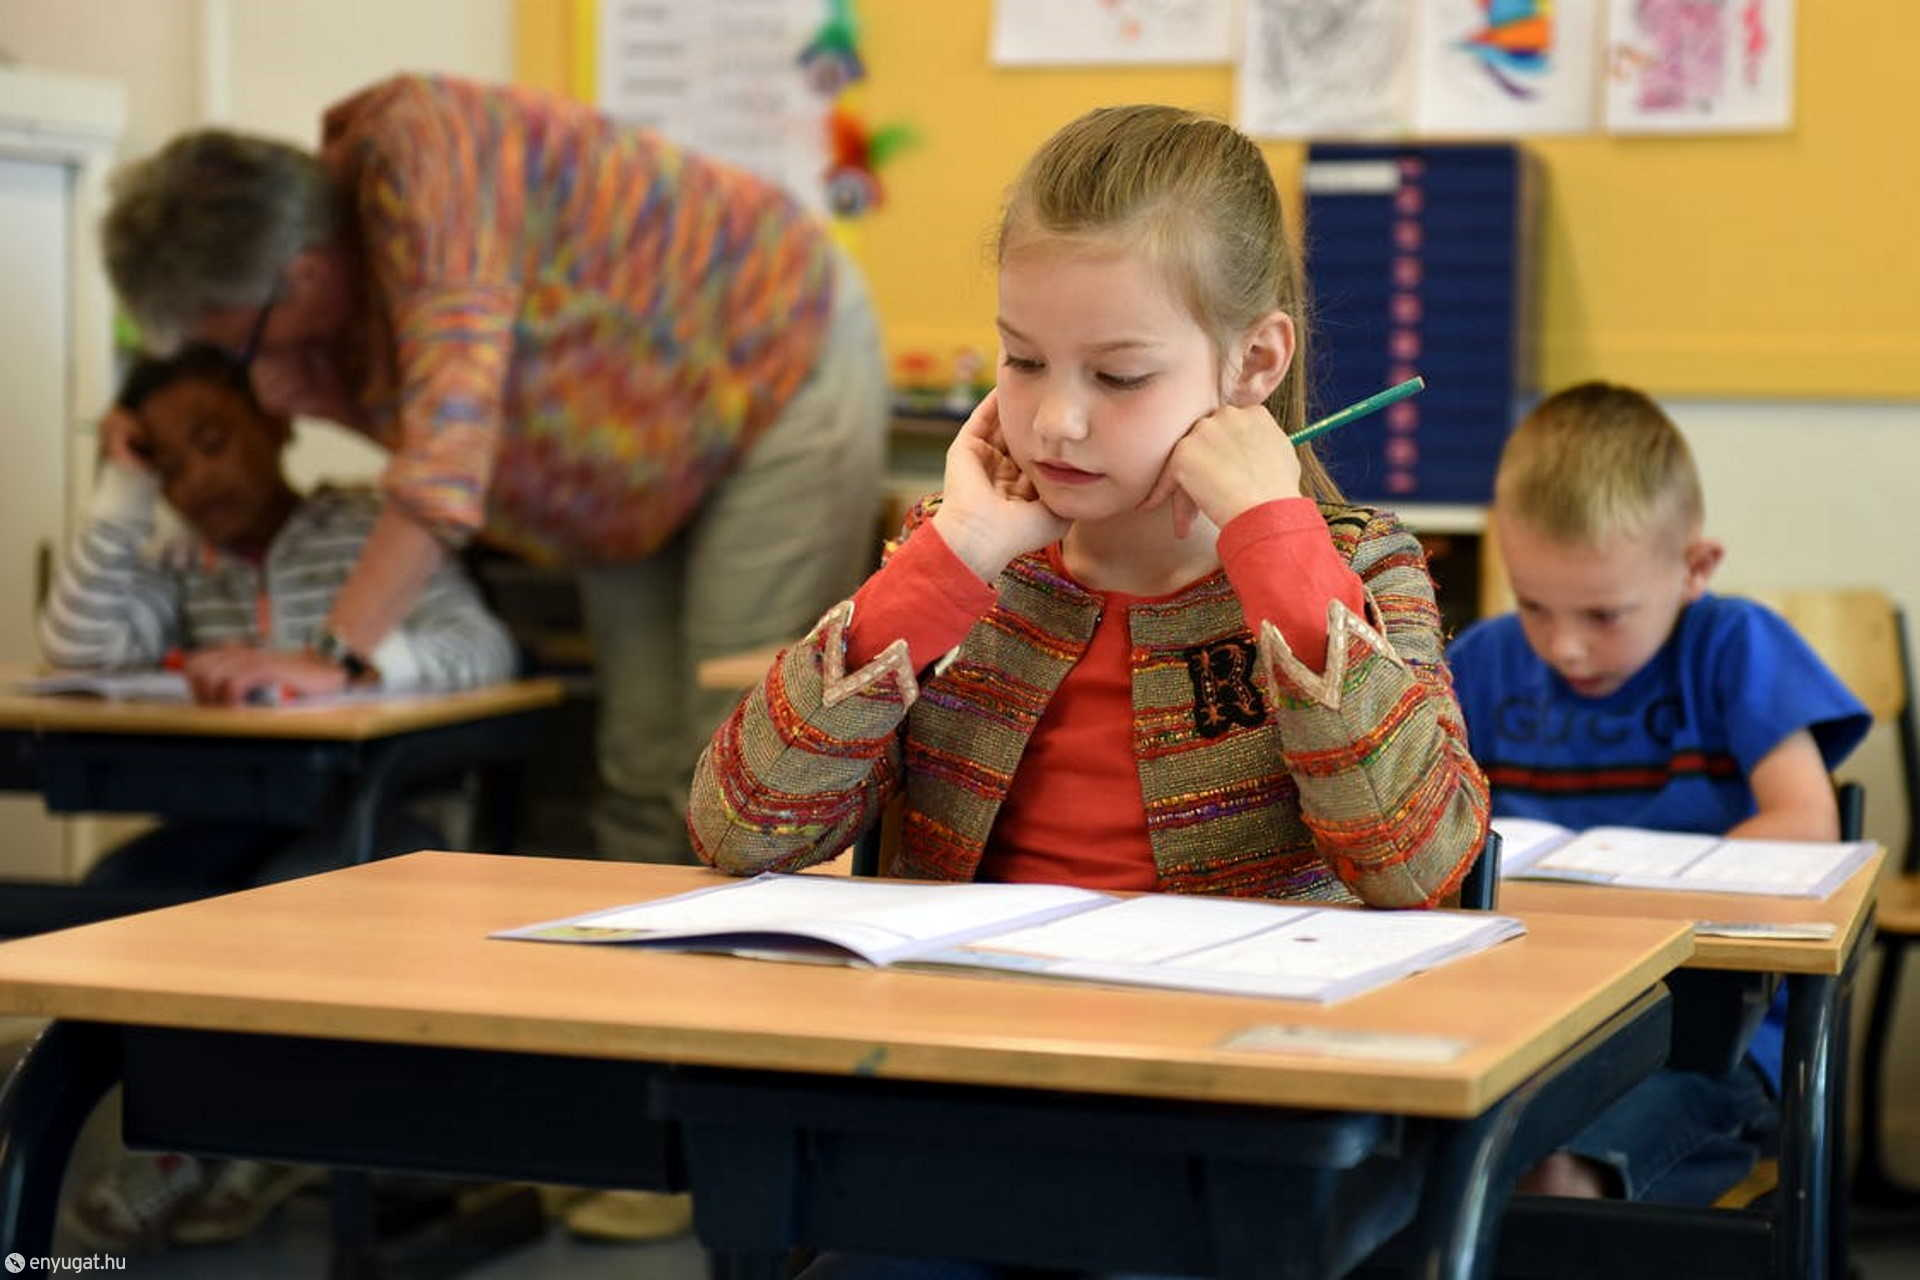 Van olyan szülő, aki szerint fontos, hogy a diákok járjanak közösségbe.